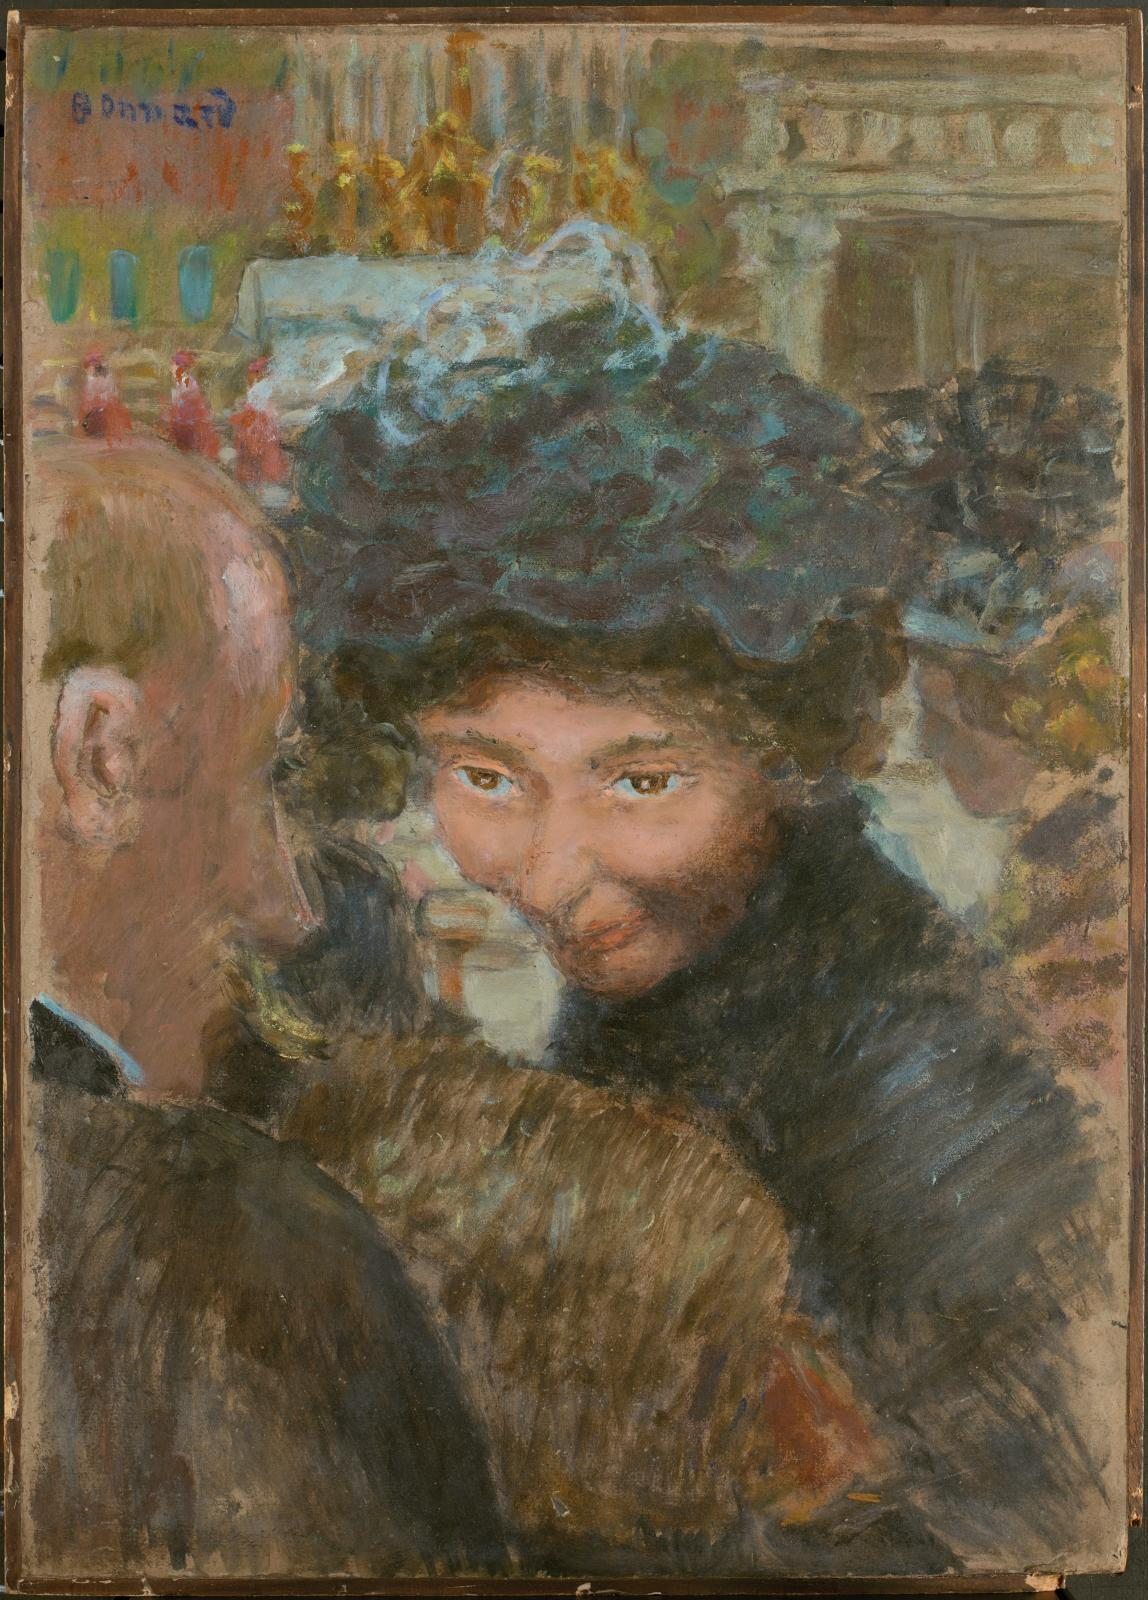 Pierre Bonnard (1867-1947), Rue à Paris, vers 1895, huile sur carton contrecollé sur panneau parqueté, 49,5x35cm (carton), 50,5x36cm